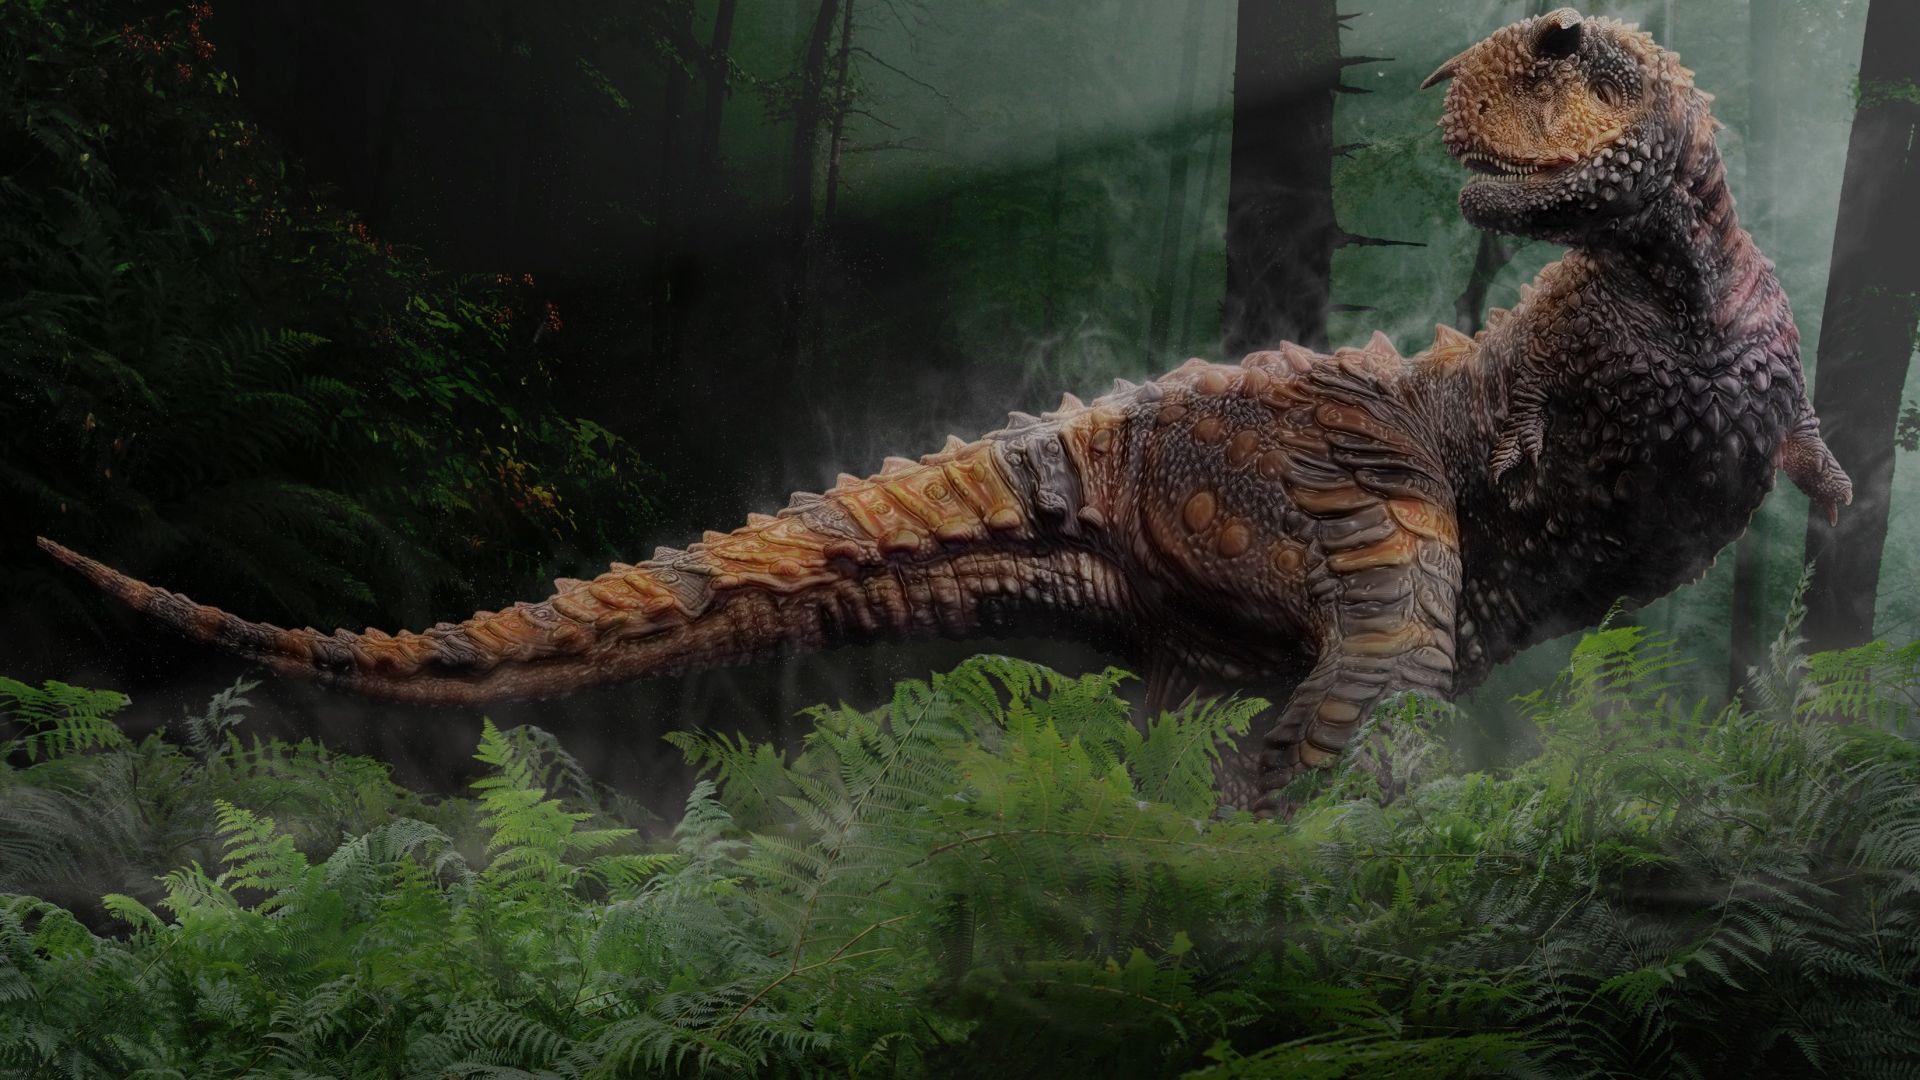 Carnotaurus Dinosaure 3d 10 000 Fonds Décran Hd Gratuits